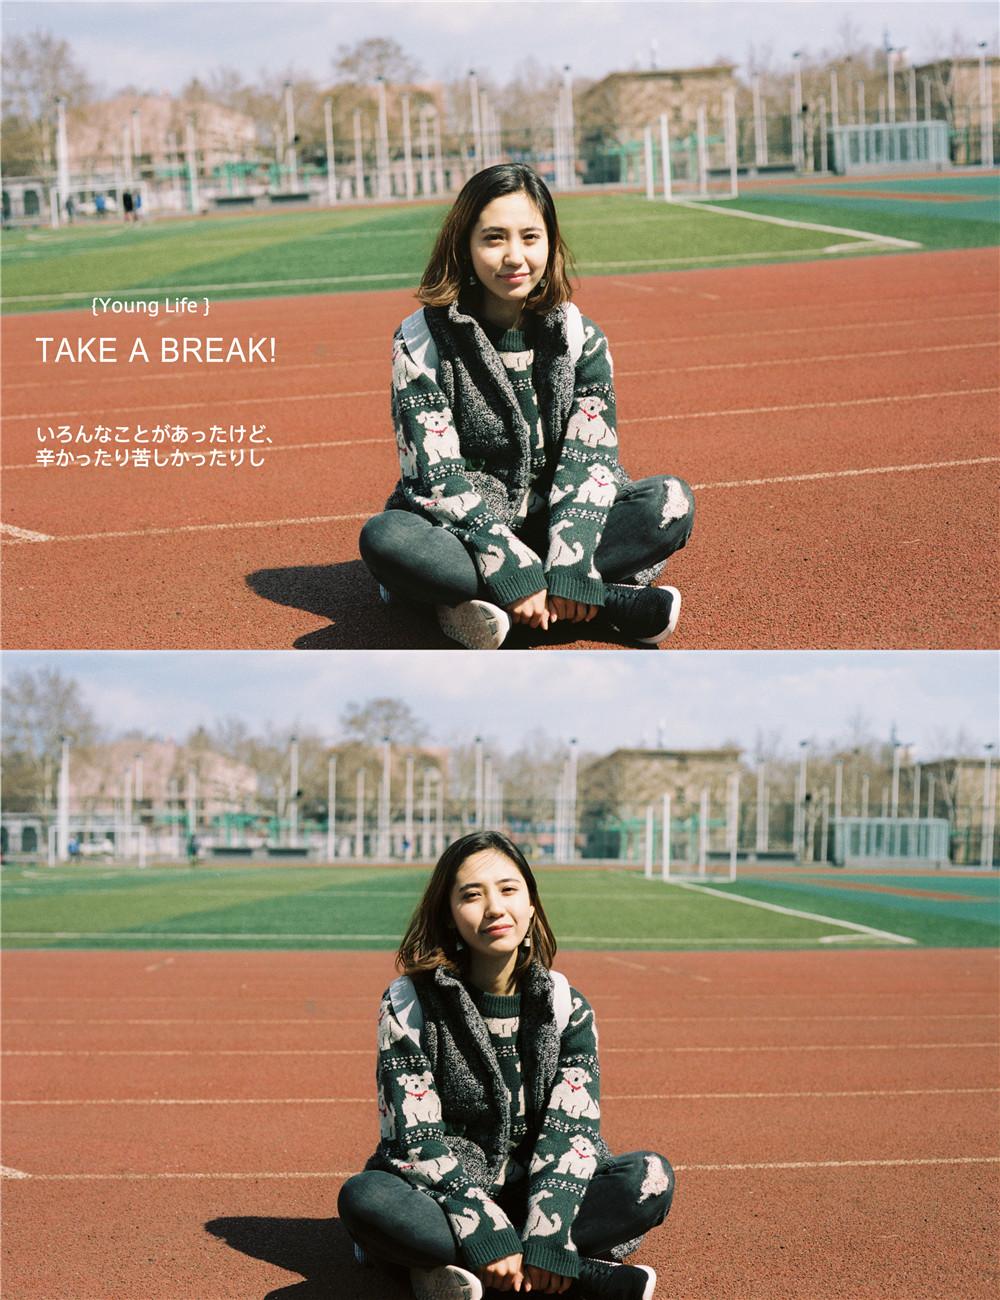 那年青春正好@Young先生杨-菲林中文-独立胶片摄影门户!